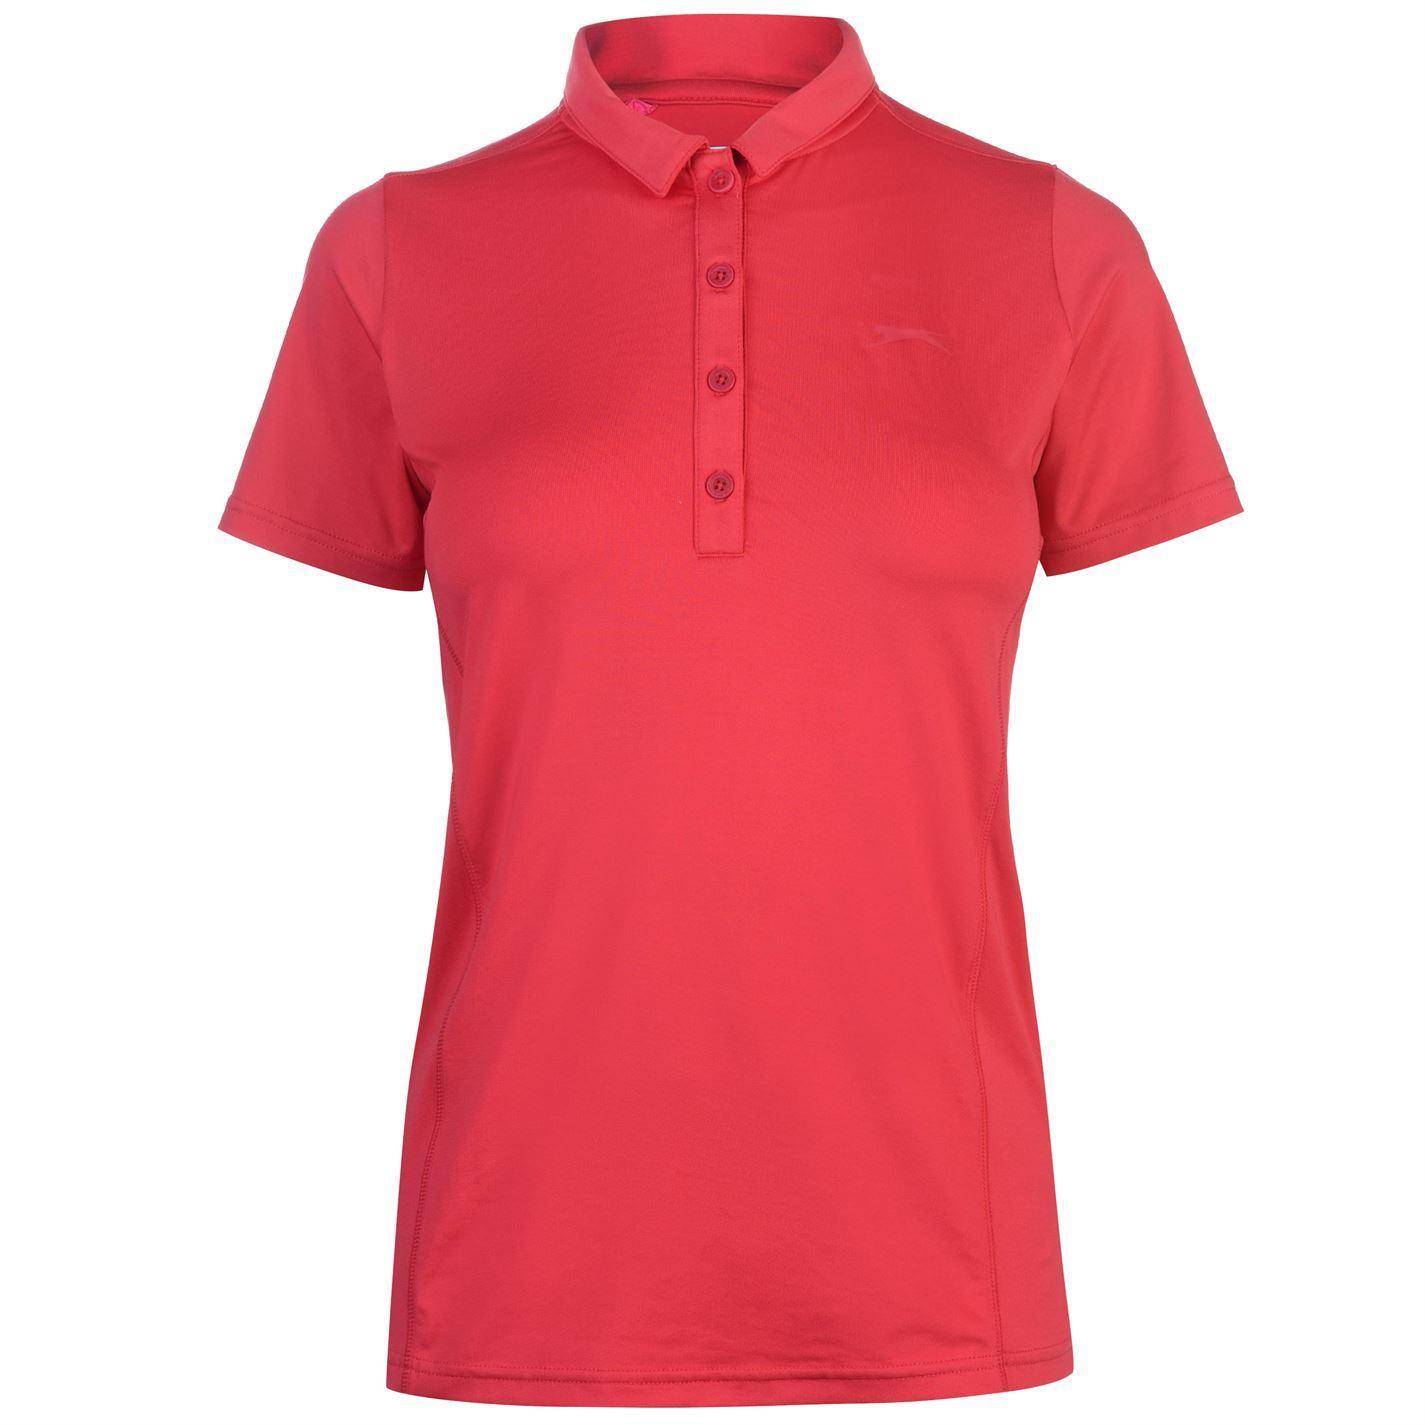 Slazenger-Plain-Golf-Polo-Shirt-Womens-T-Shirt-Top-Tee-Activewear miniature 8